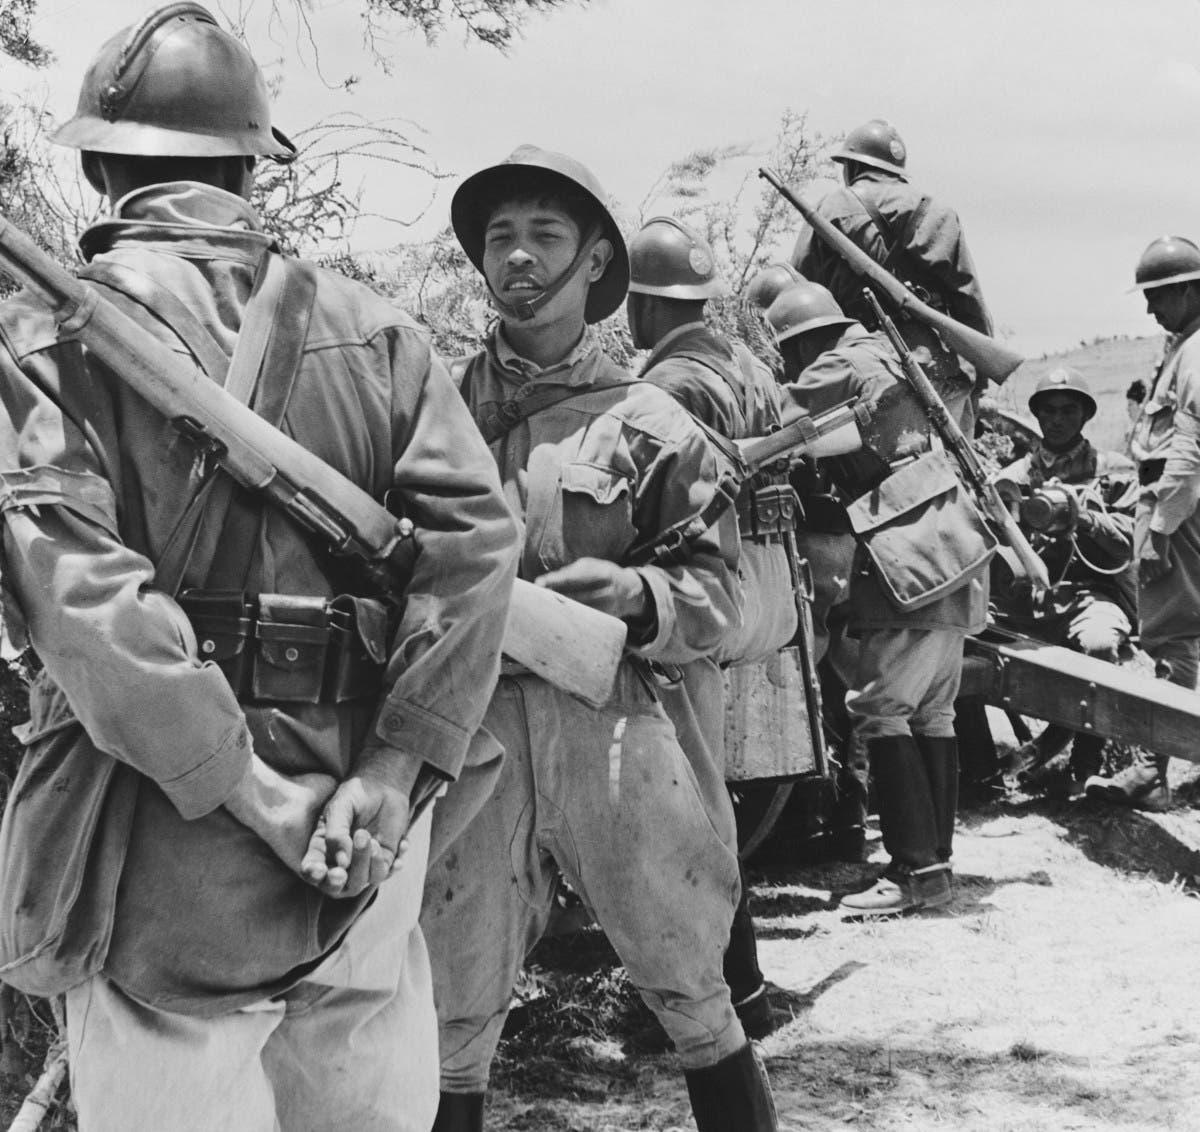 جنود مكسيكيون شاركوا بالحرب العالمية الثانية